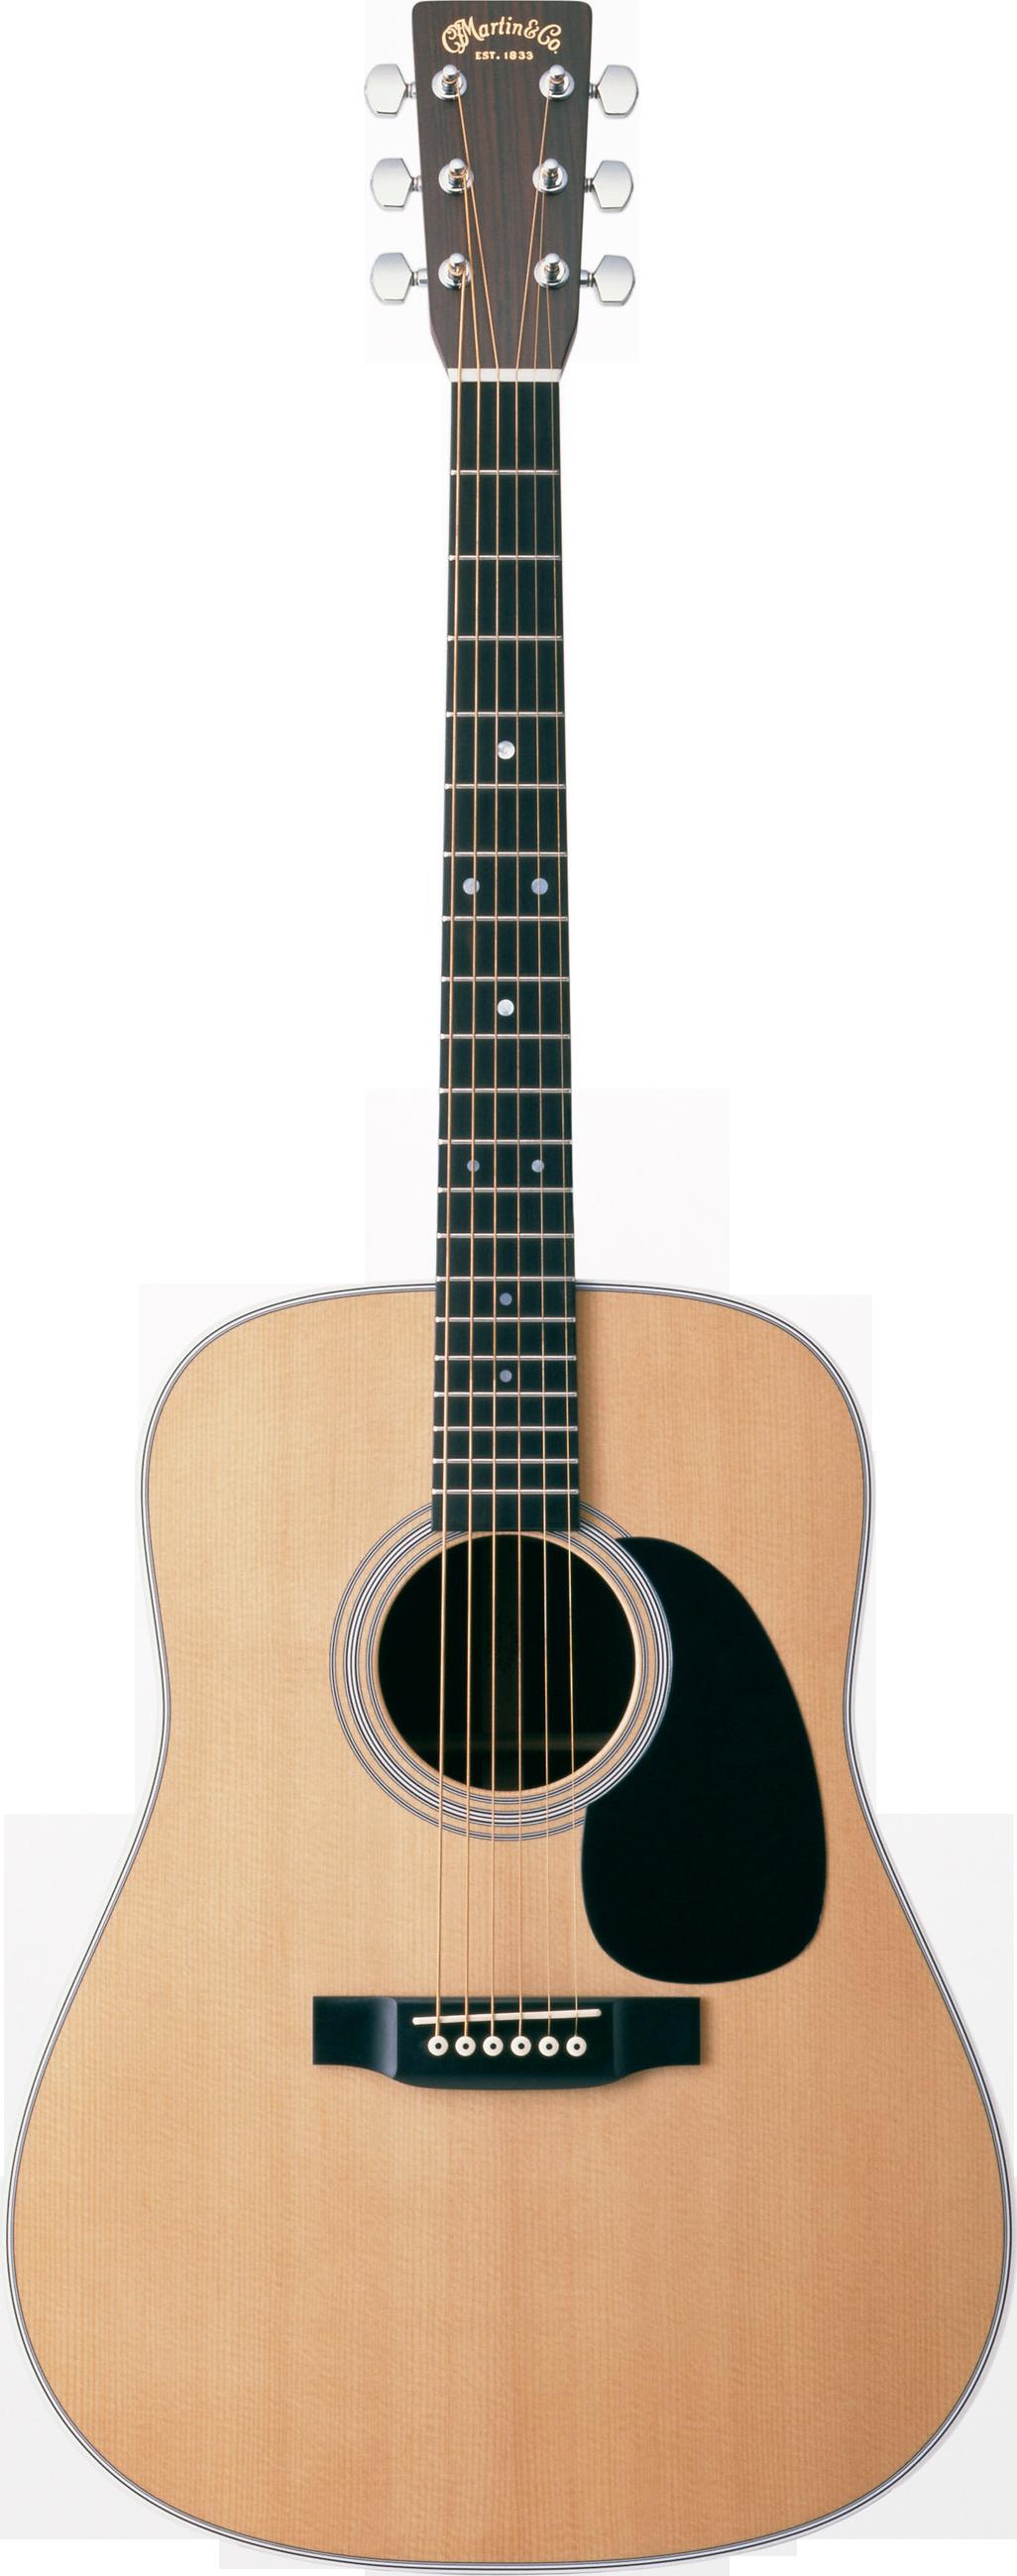 Acoustic png transparent images. Clipart guitar guitar lesson